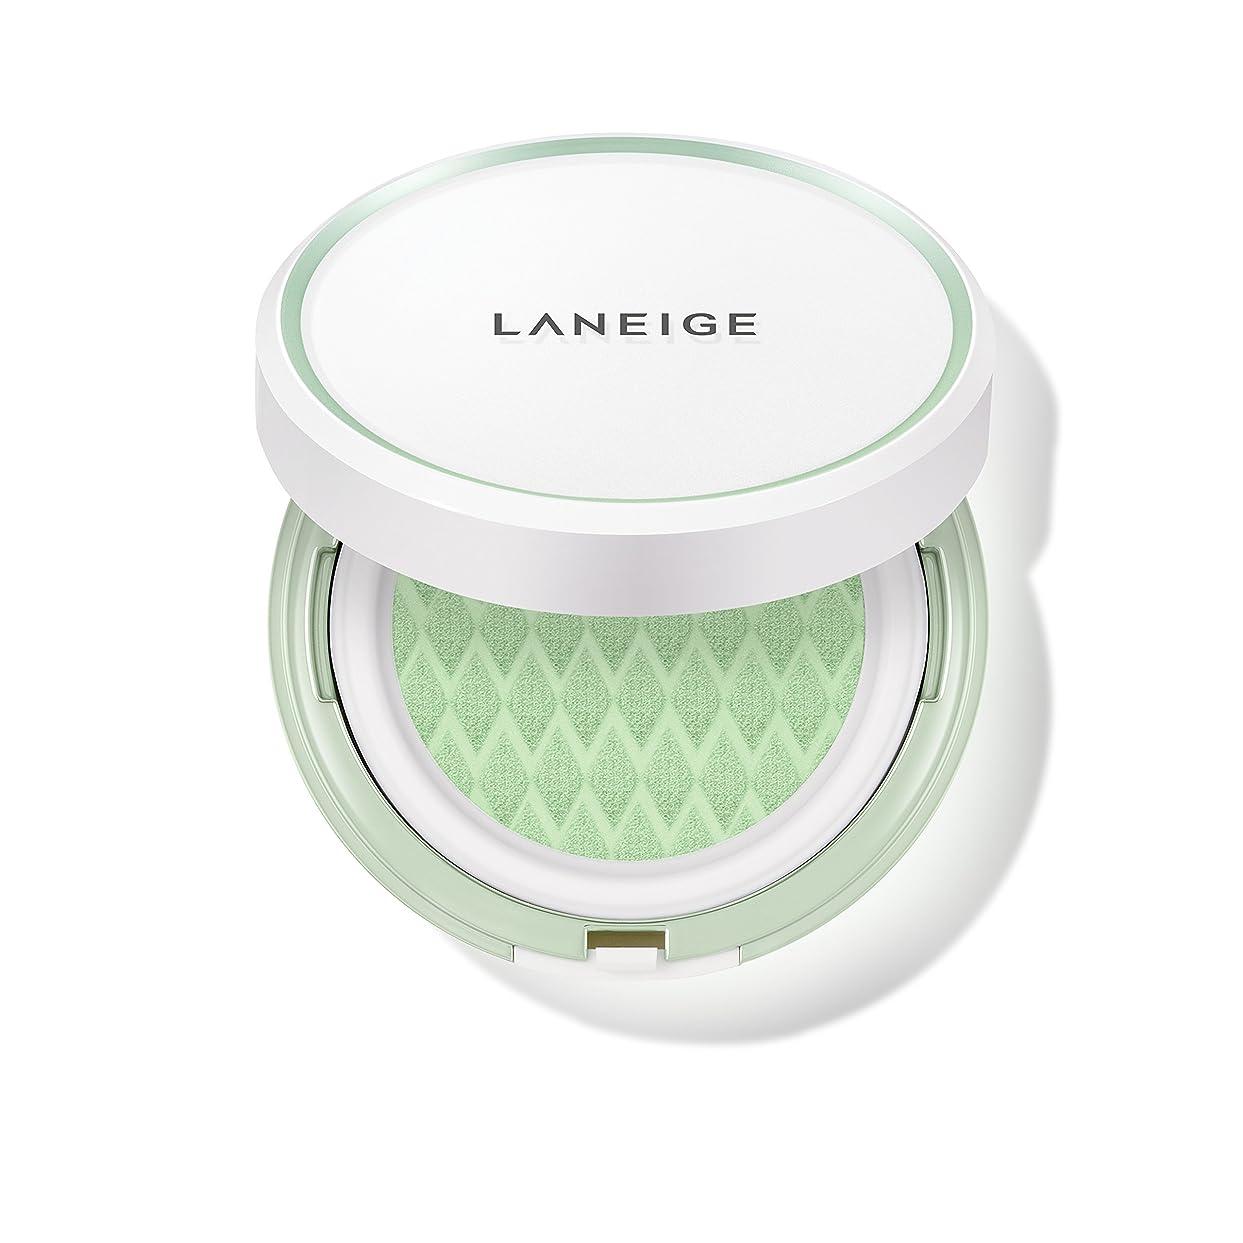 企業テキスト遺伝的ラネージュ[LANEIGE]*AMOREPACIFIC*[新商品]スキンベなベースクッションSPF 22PA++(#60 Light Green) 15g*2 / LANEIGE Skin Veil Base Cushion SPF22 PA++ (#60 Light Green) 15g*2 [海外直送品] [並行輸入品]